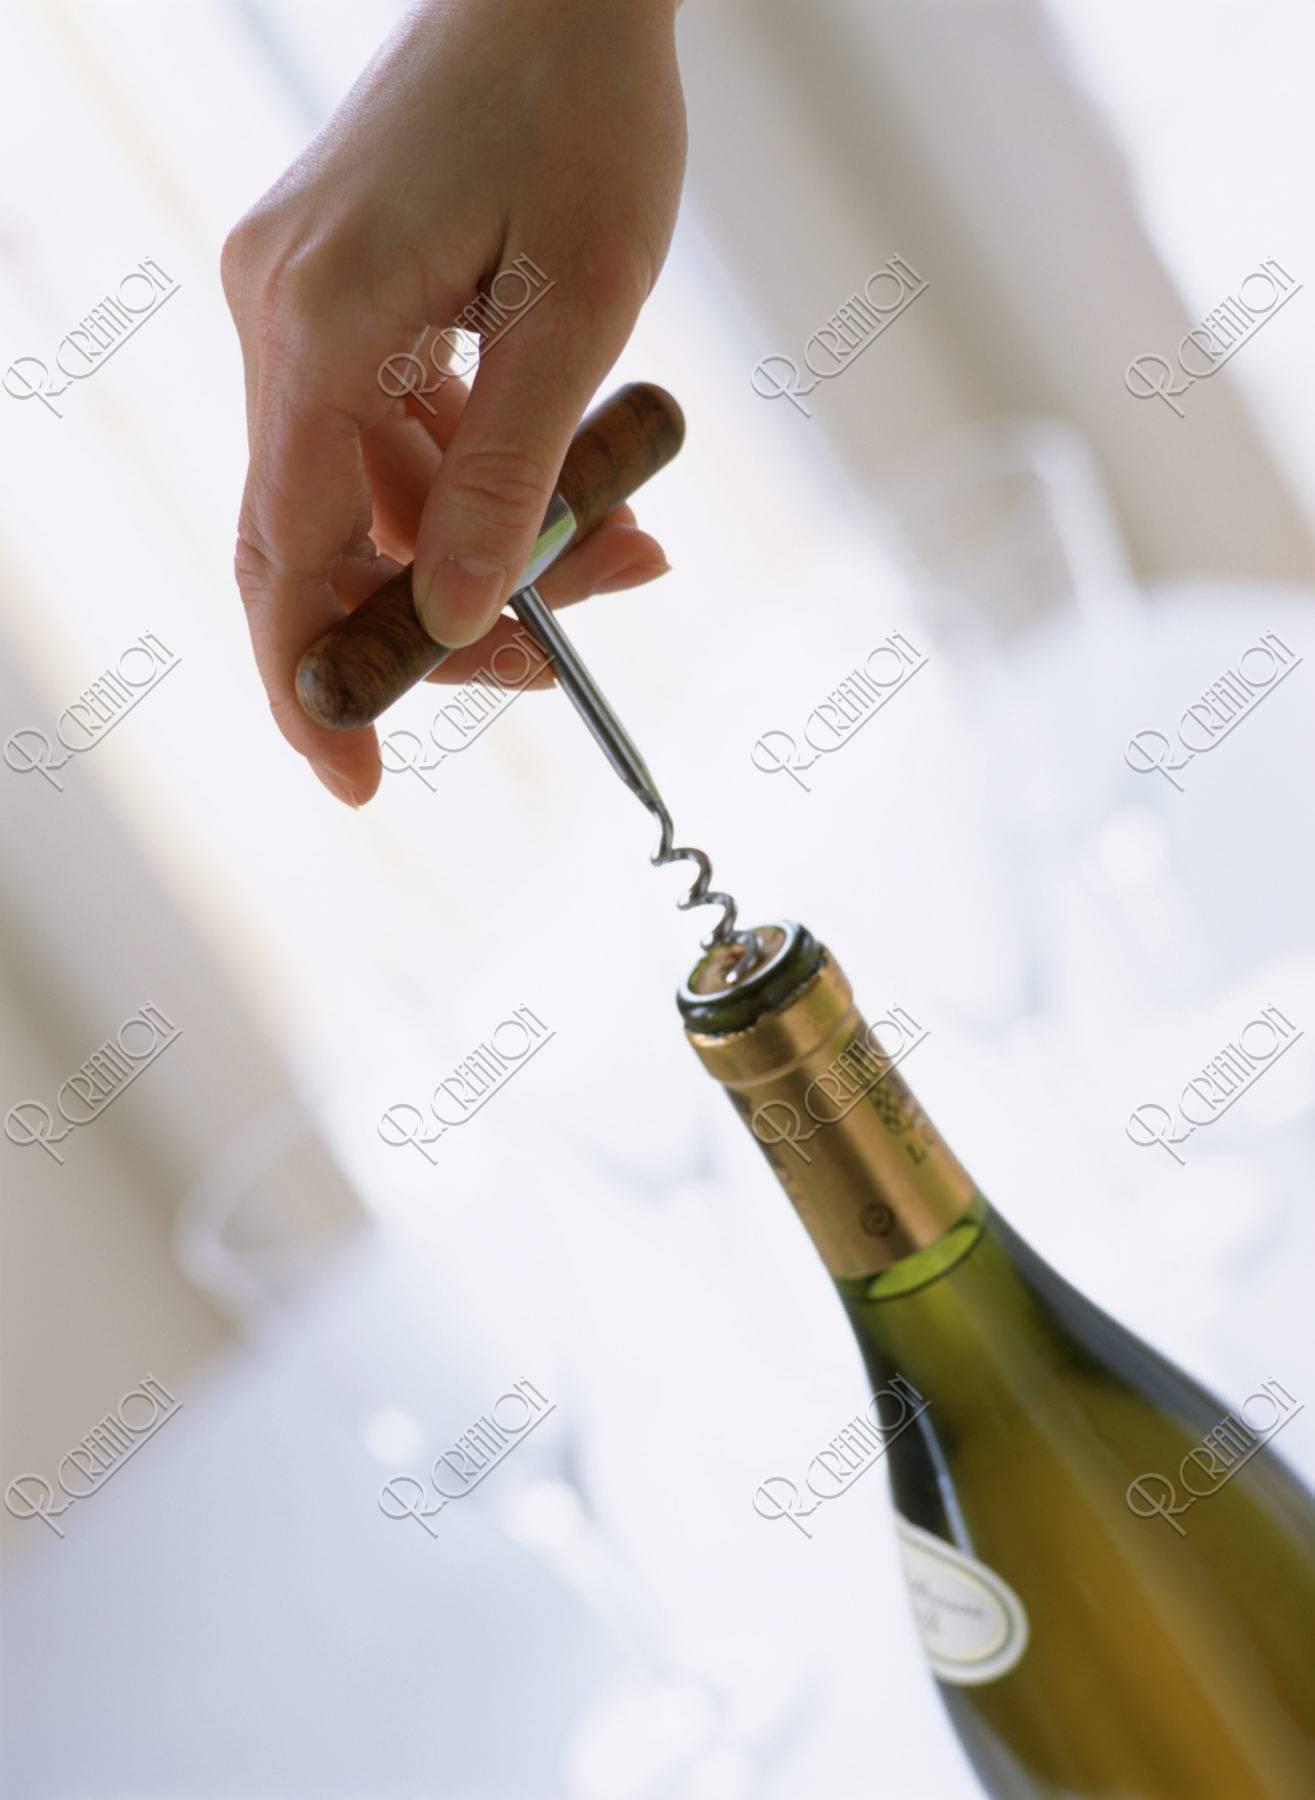 ワインを抜く手